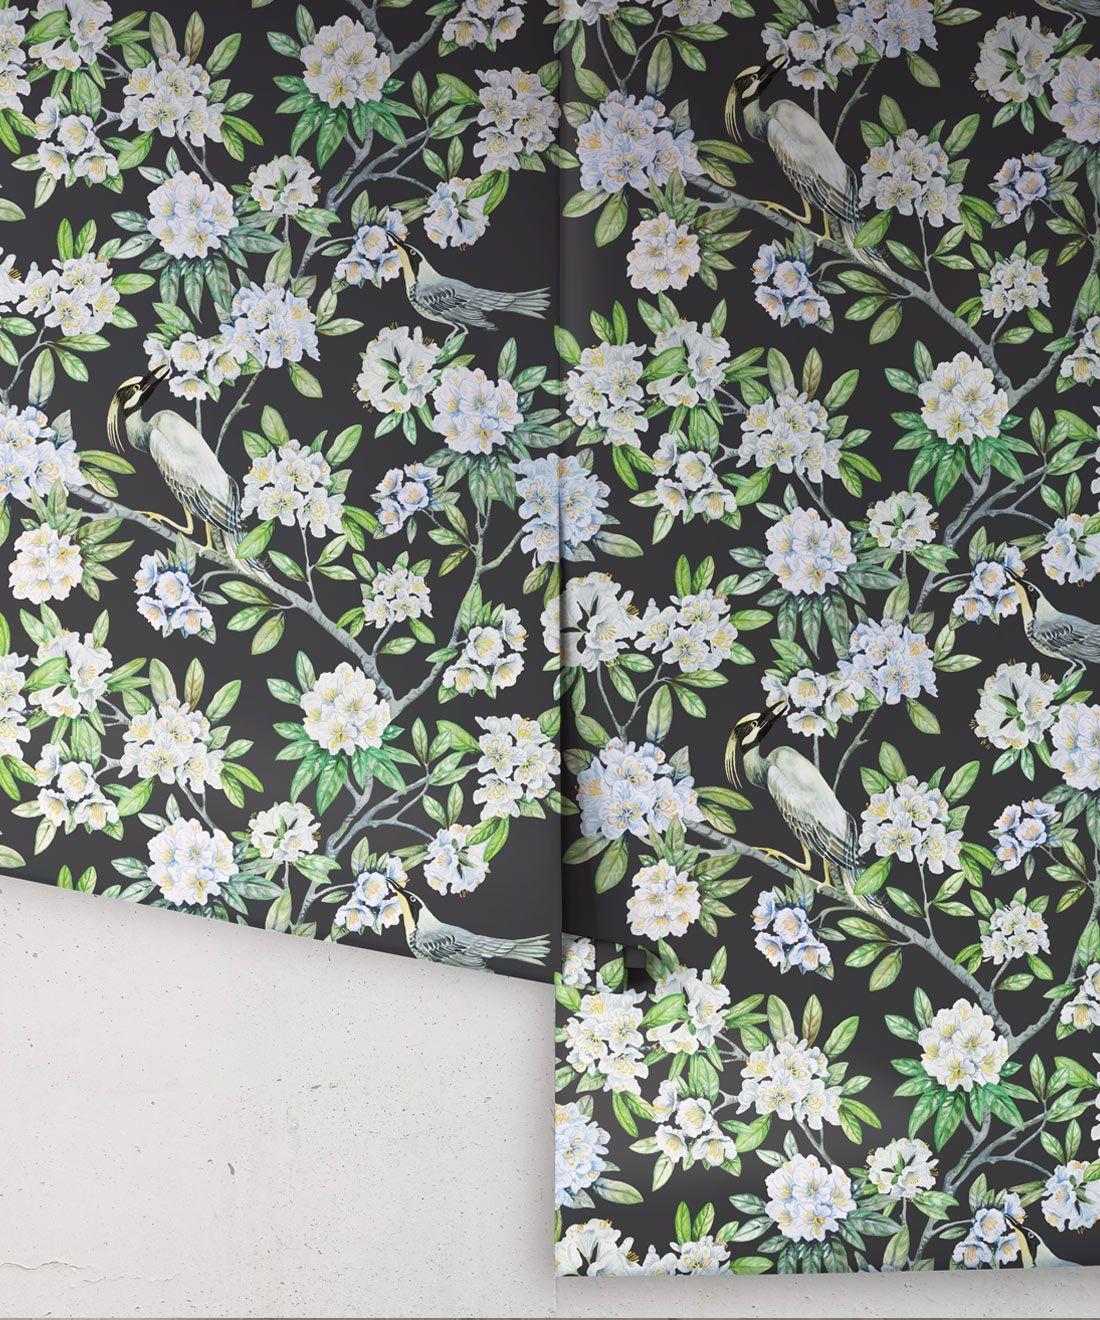 Victoria Wallpaper • Floral Wallpaper • Charcoal Wallpaper • Rolls